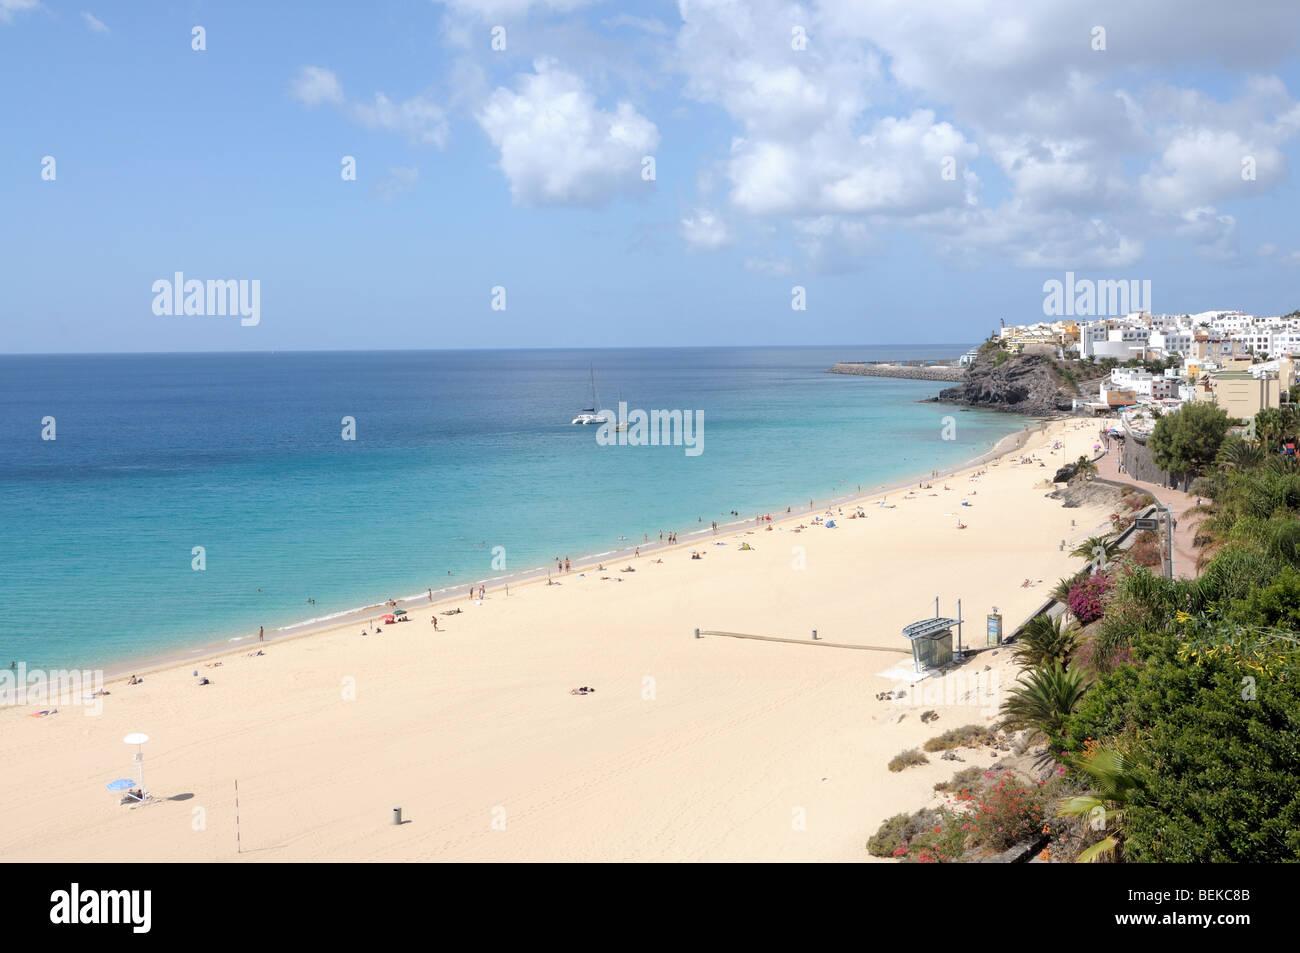 Strand von Morro Jable, Kanarischen Insel Fuerteventura, Spanien Stockbild